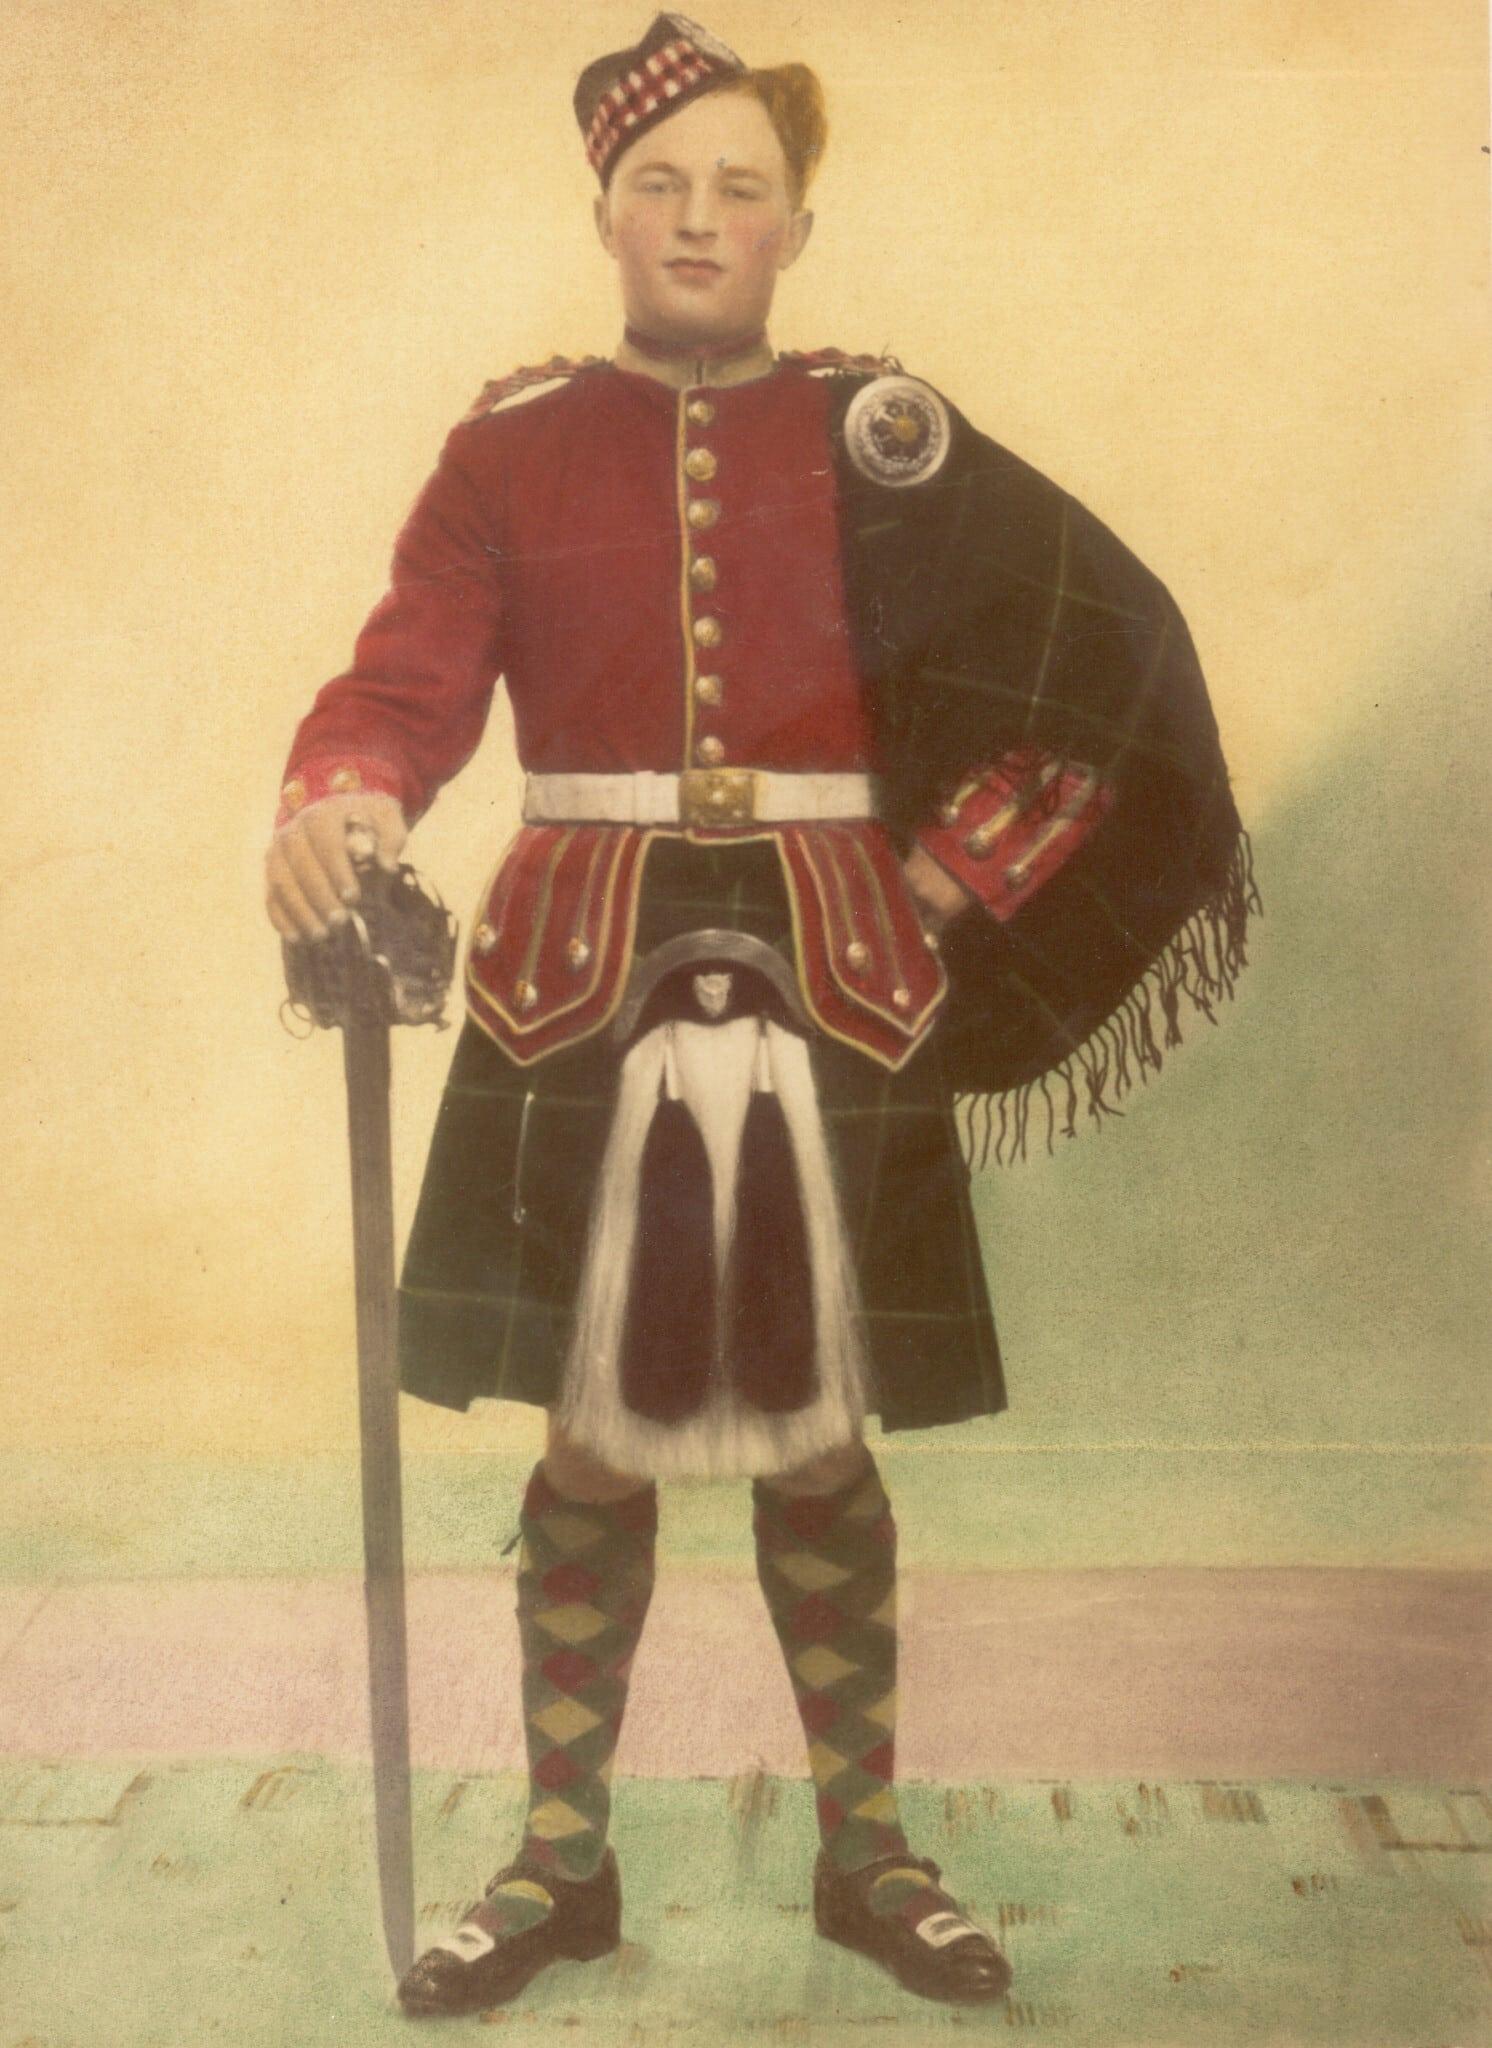 חיים הירשמן בלבוש סקוטי ב-1948 (צילום: באדיבות ג'ון קאר)